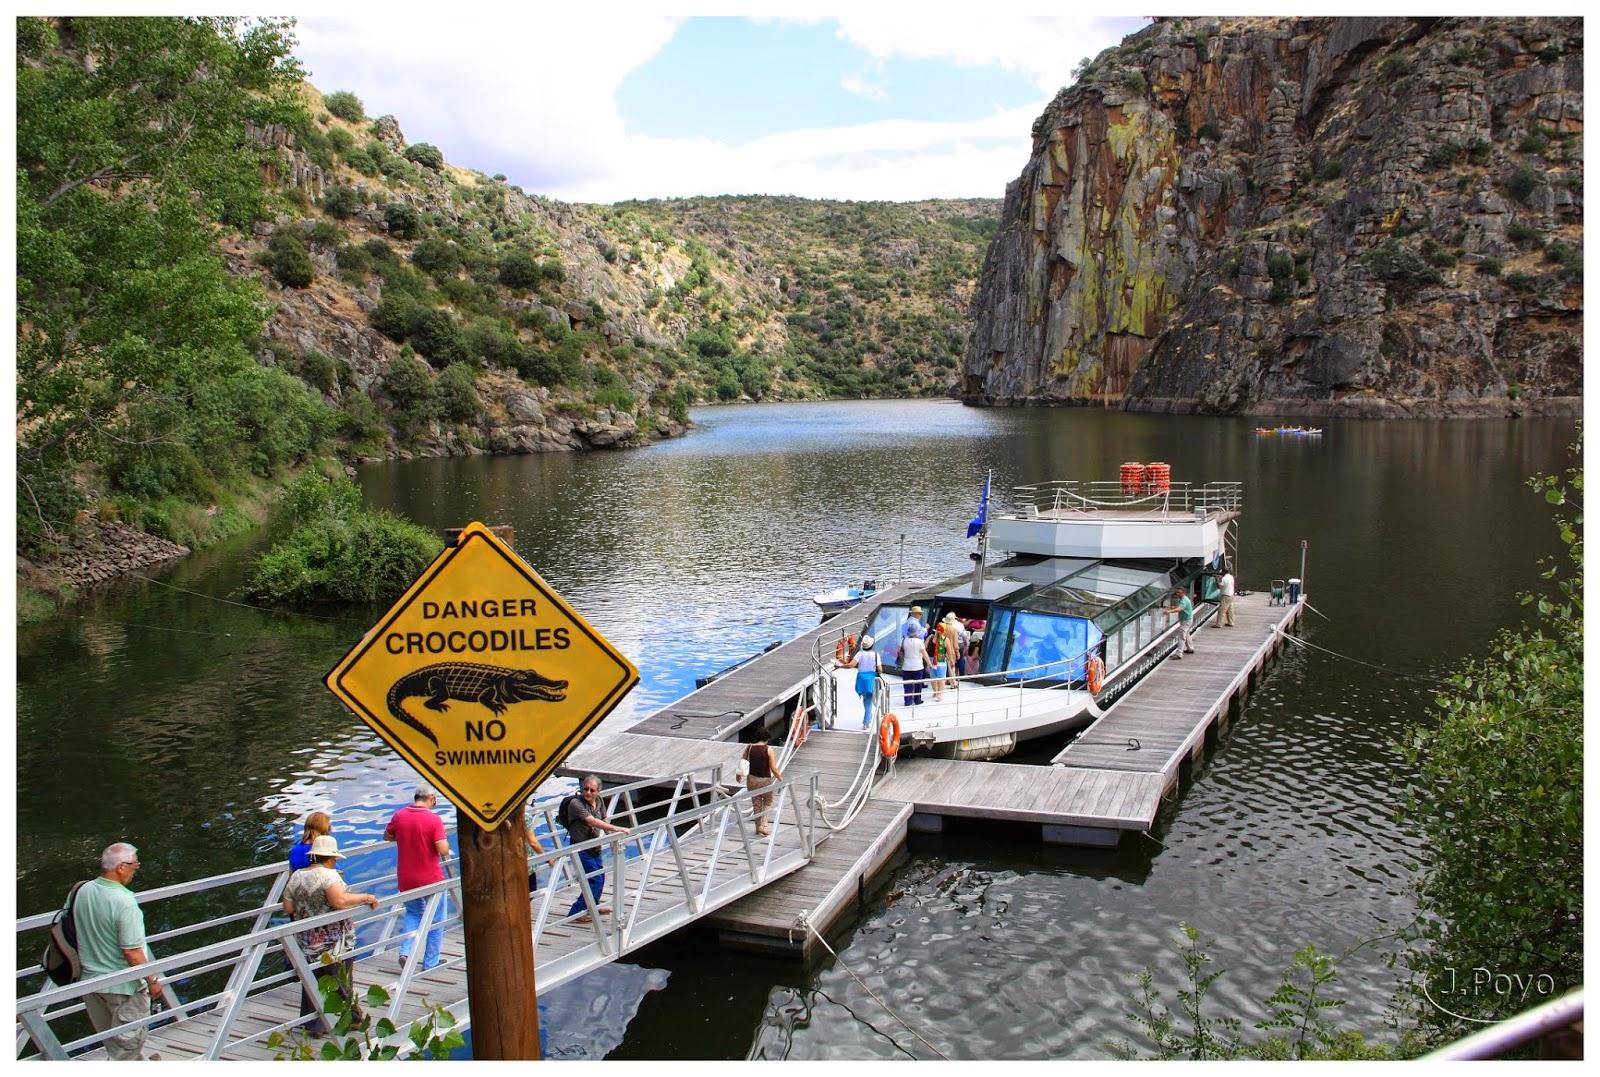 Peligro Cocodrilos, Crucero por el Parque Natural de los Arribes del Duero